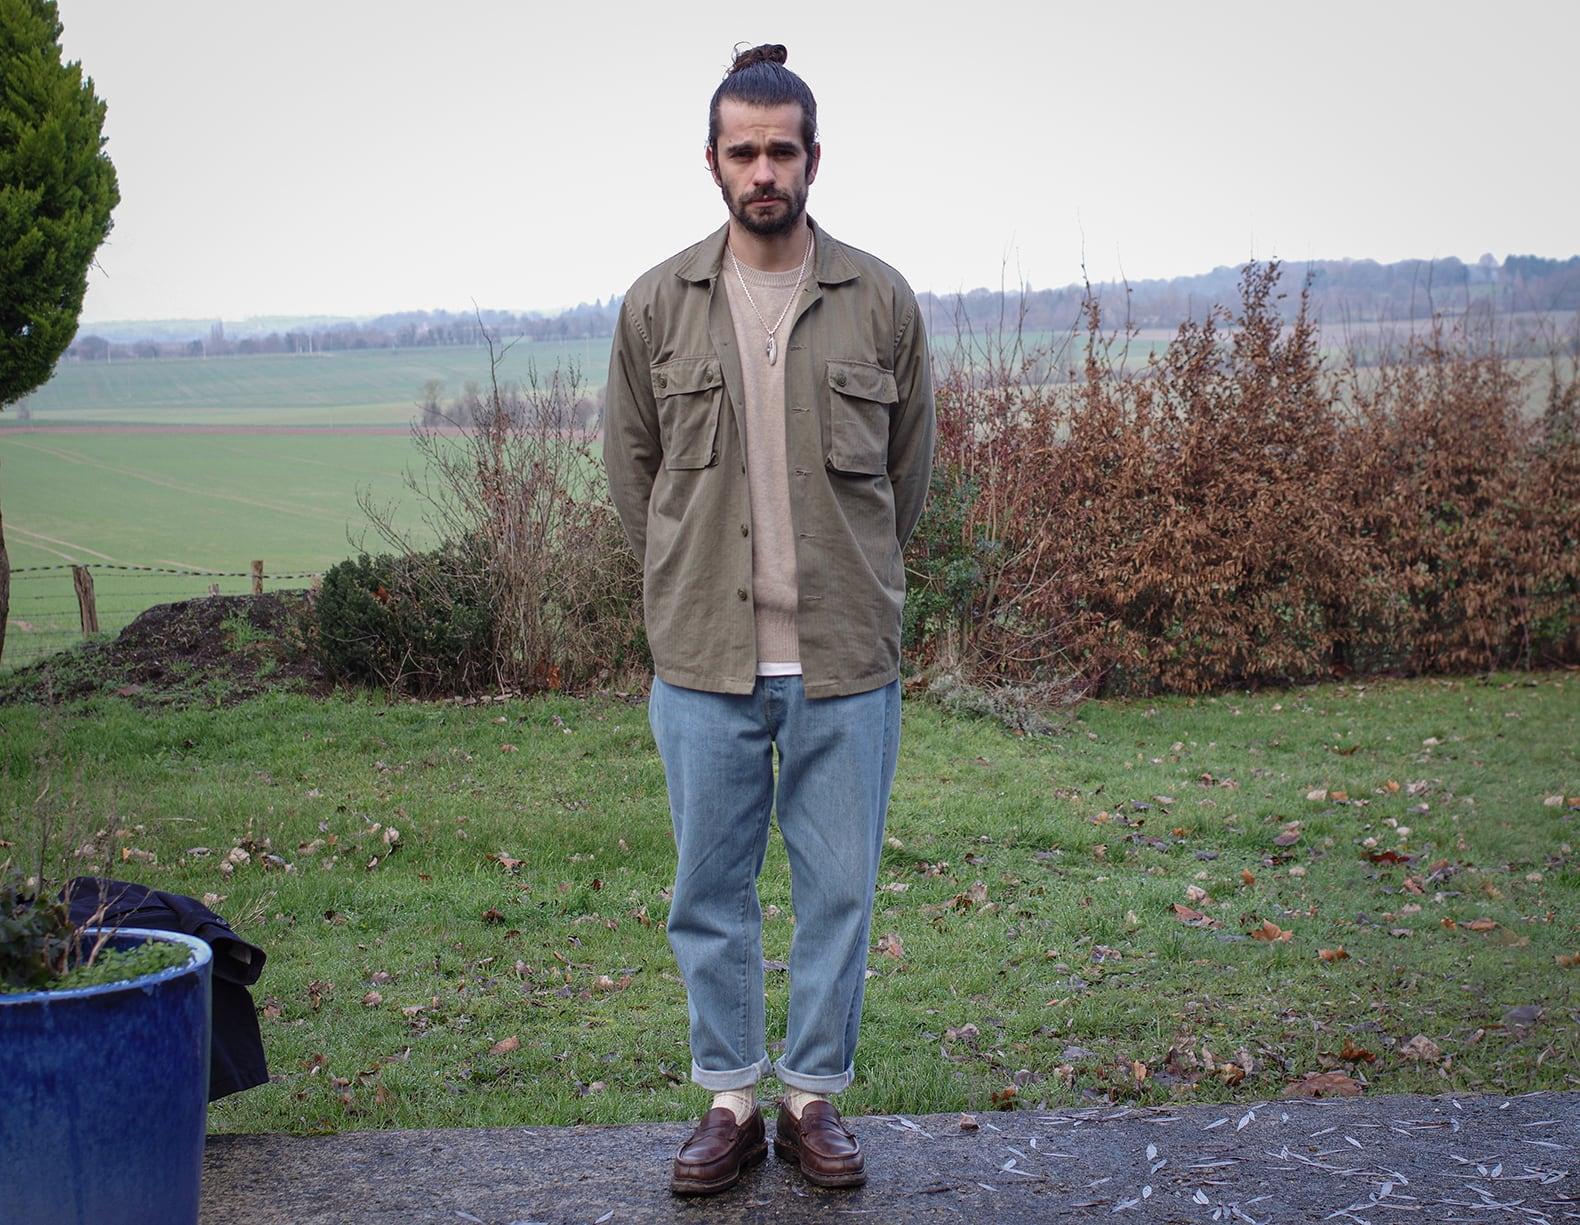 comment porter jean bleach homme surchemise militaire